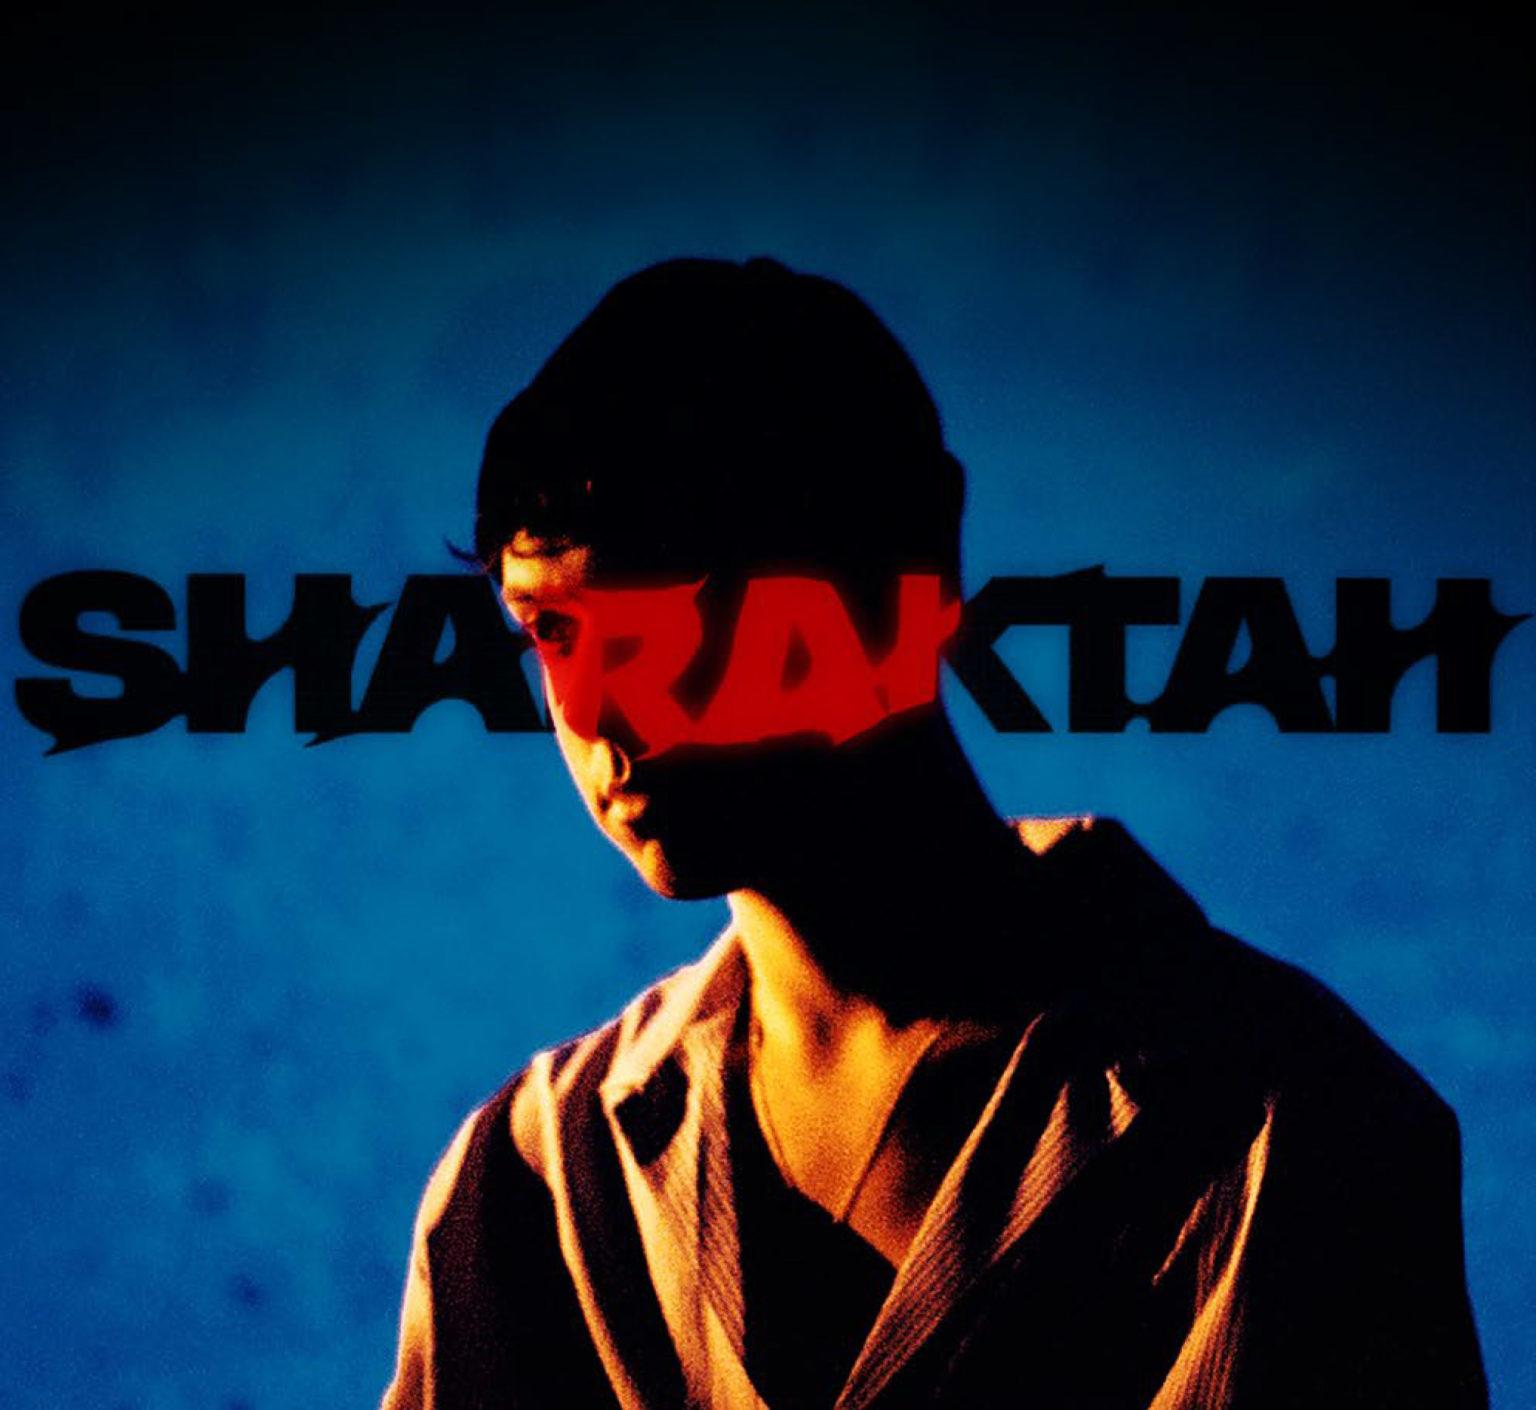 Sharaktah - Hier - s'läuft! Radio-Promotion